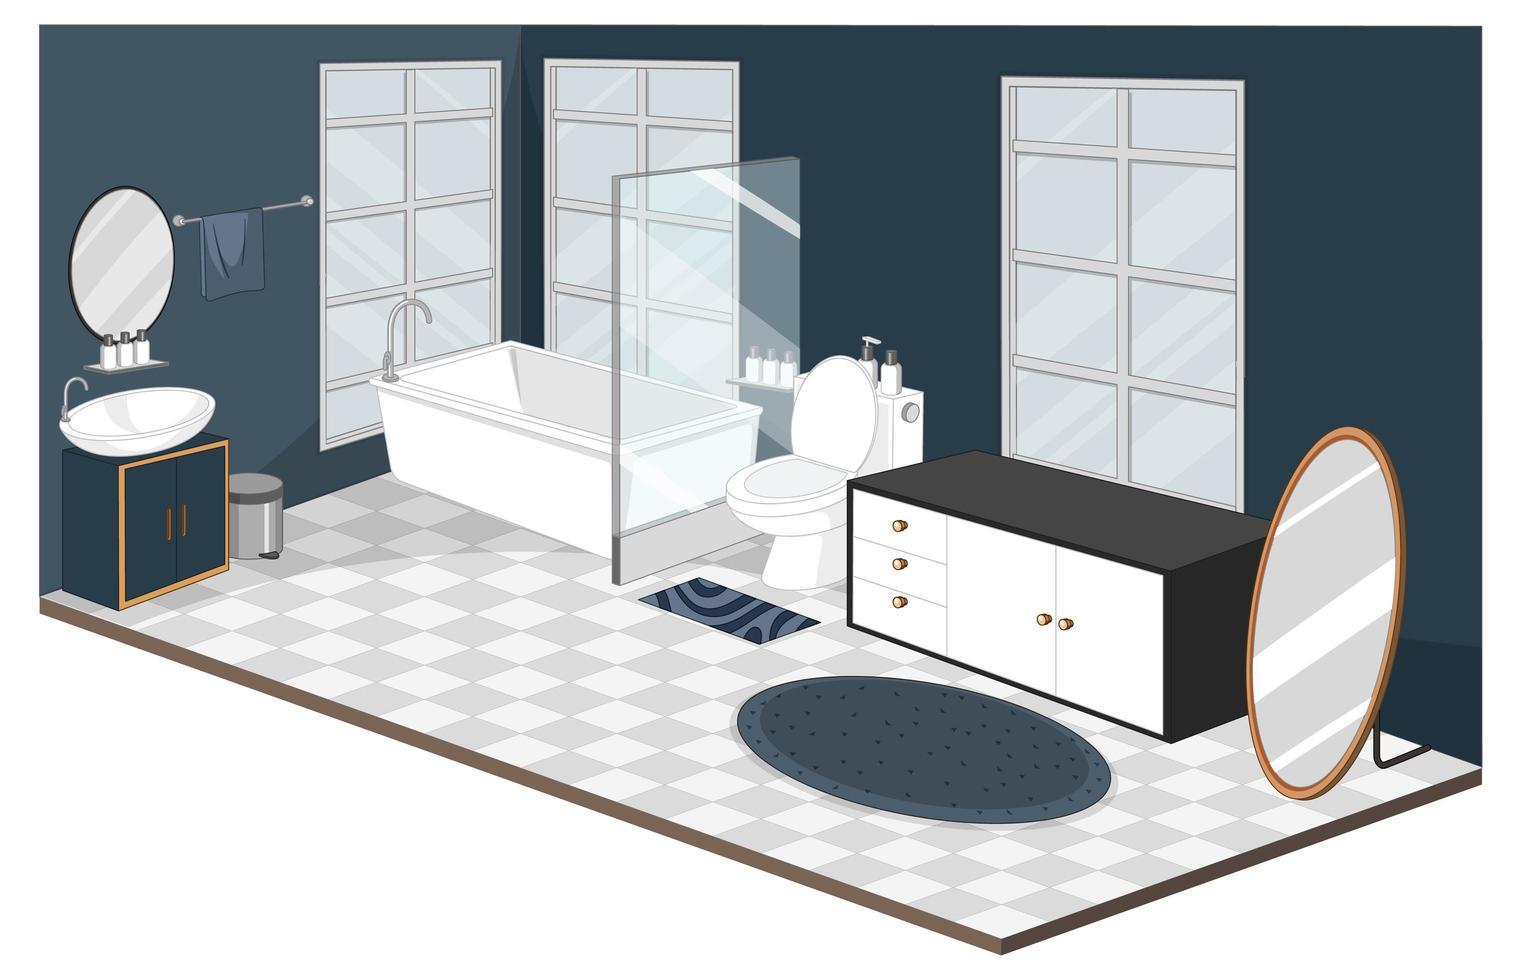 Interior de baño con muebles de estilo moderno. vector